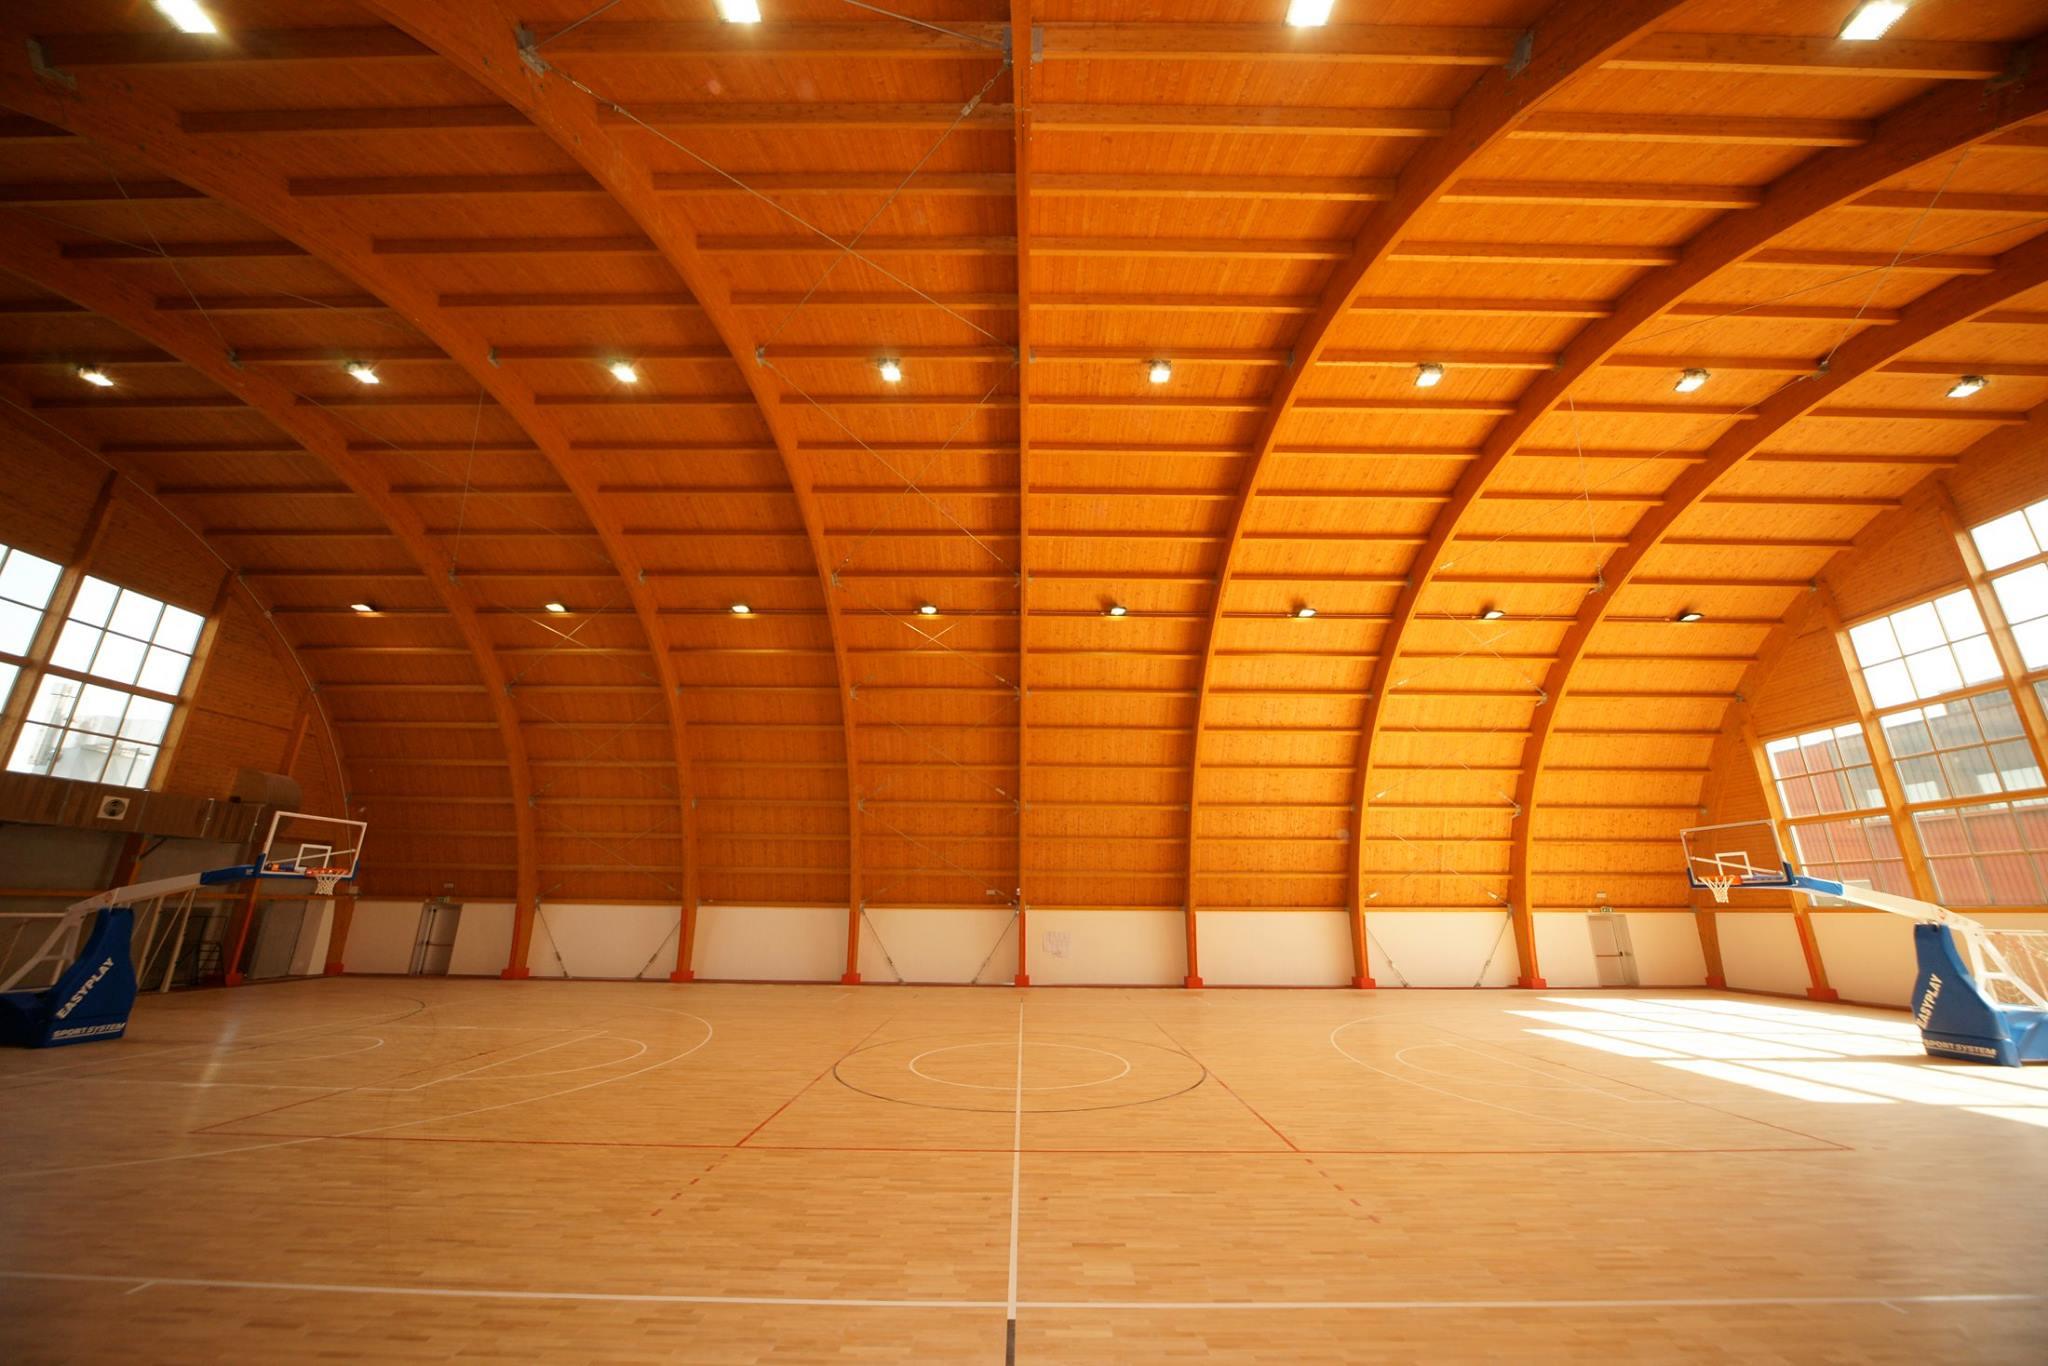 Tende per cameretta bambini - Illuminazione sottotetto legno ...